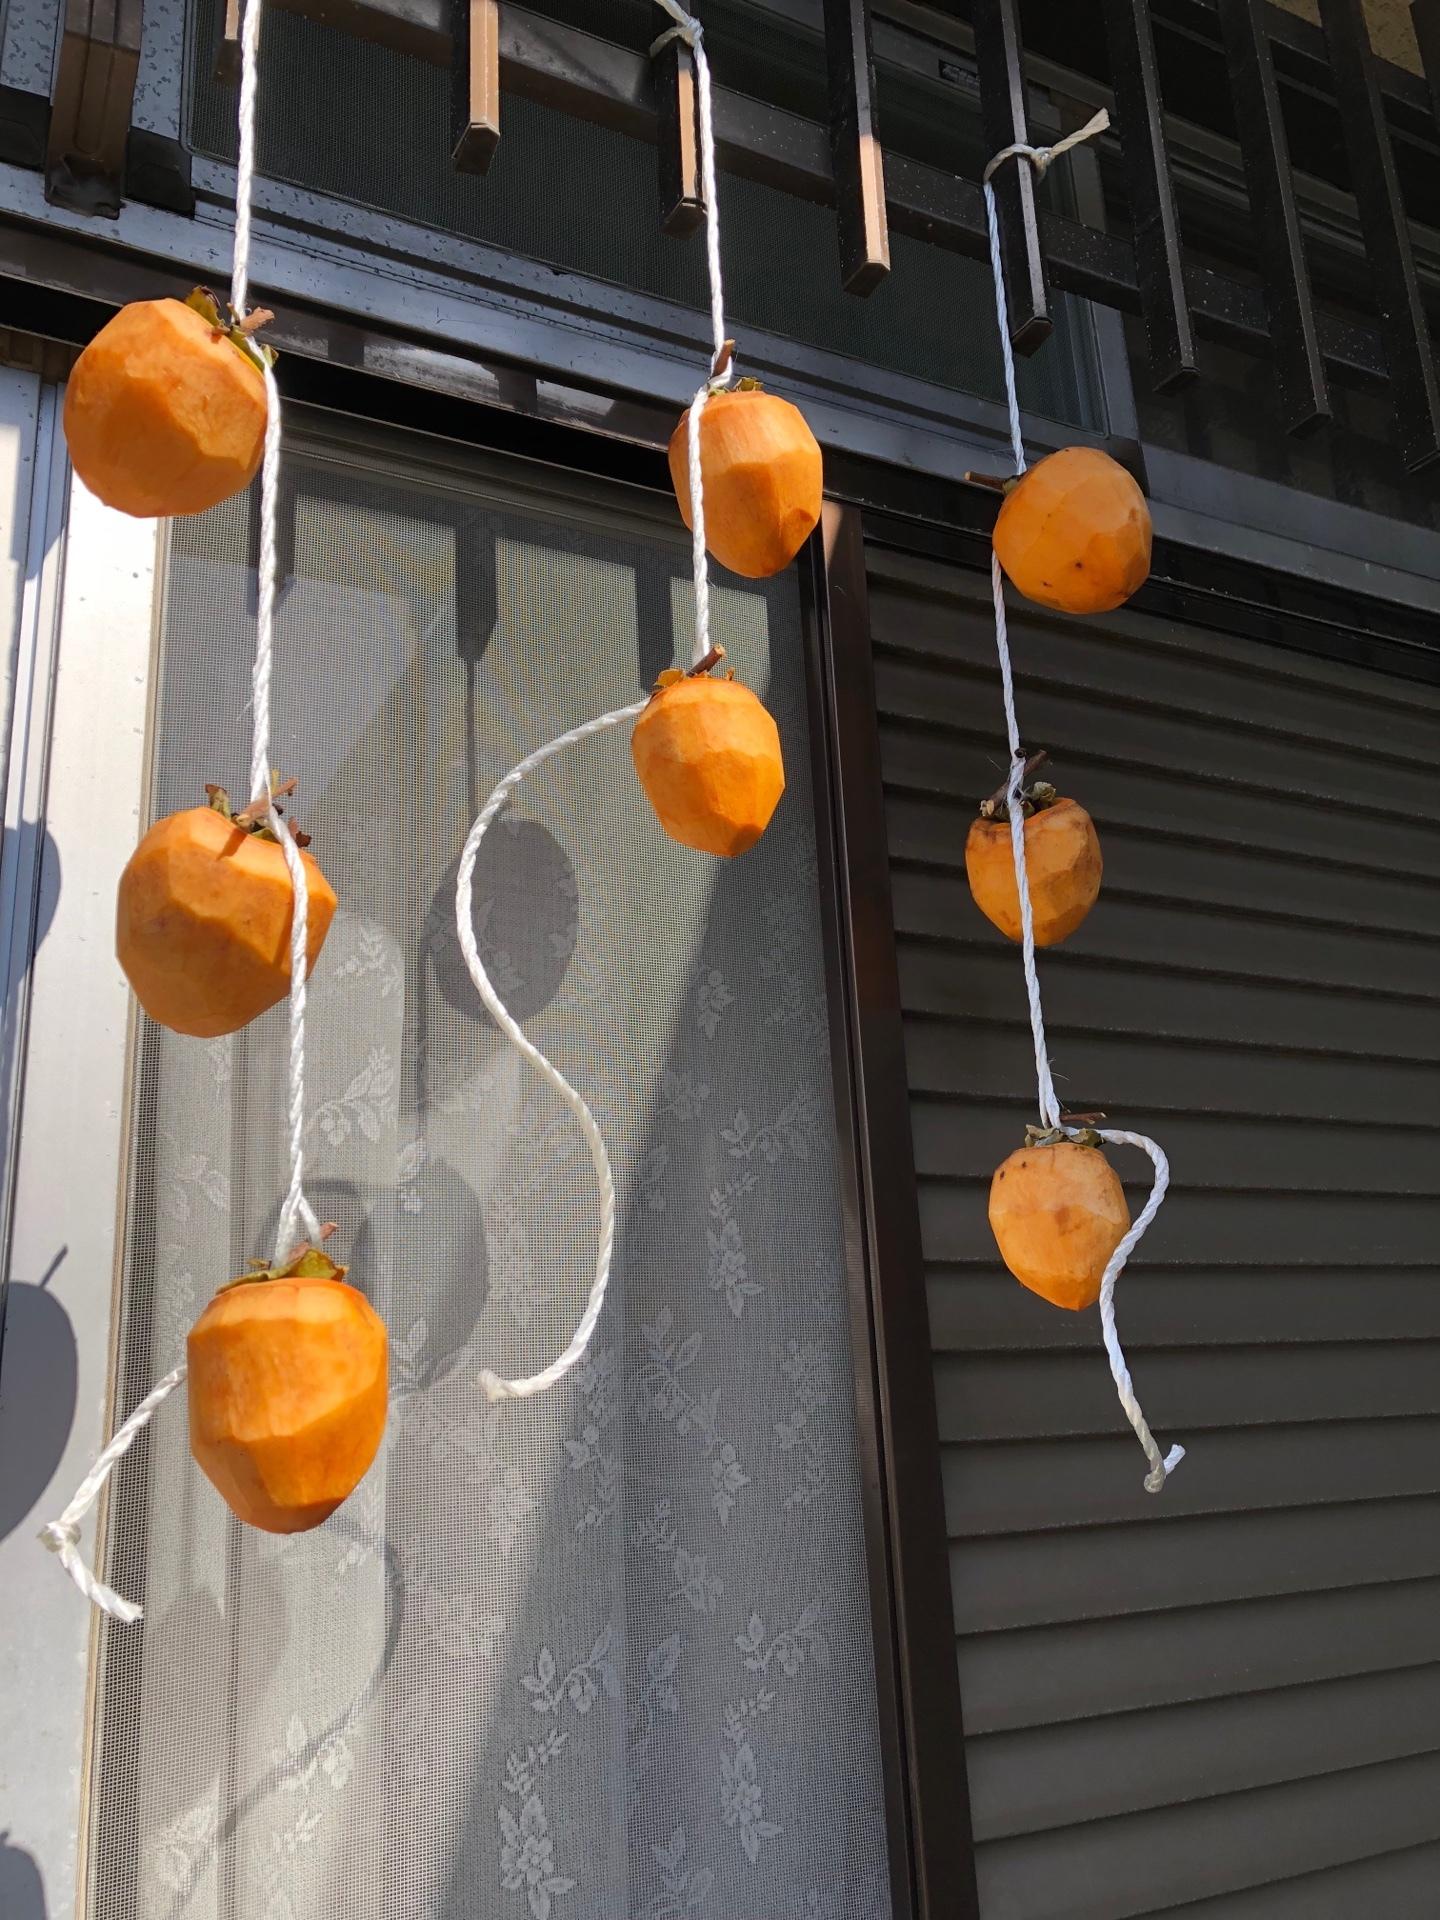 干し柿吊るすD3F291B4-51EE-4A69-BE77-315DE6298F60